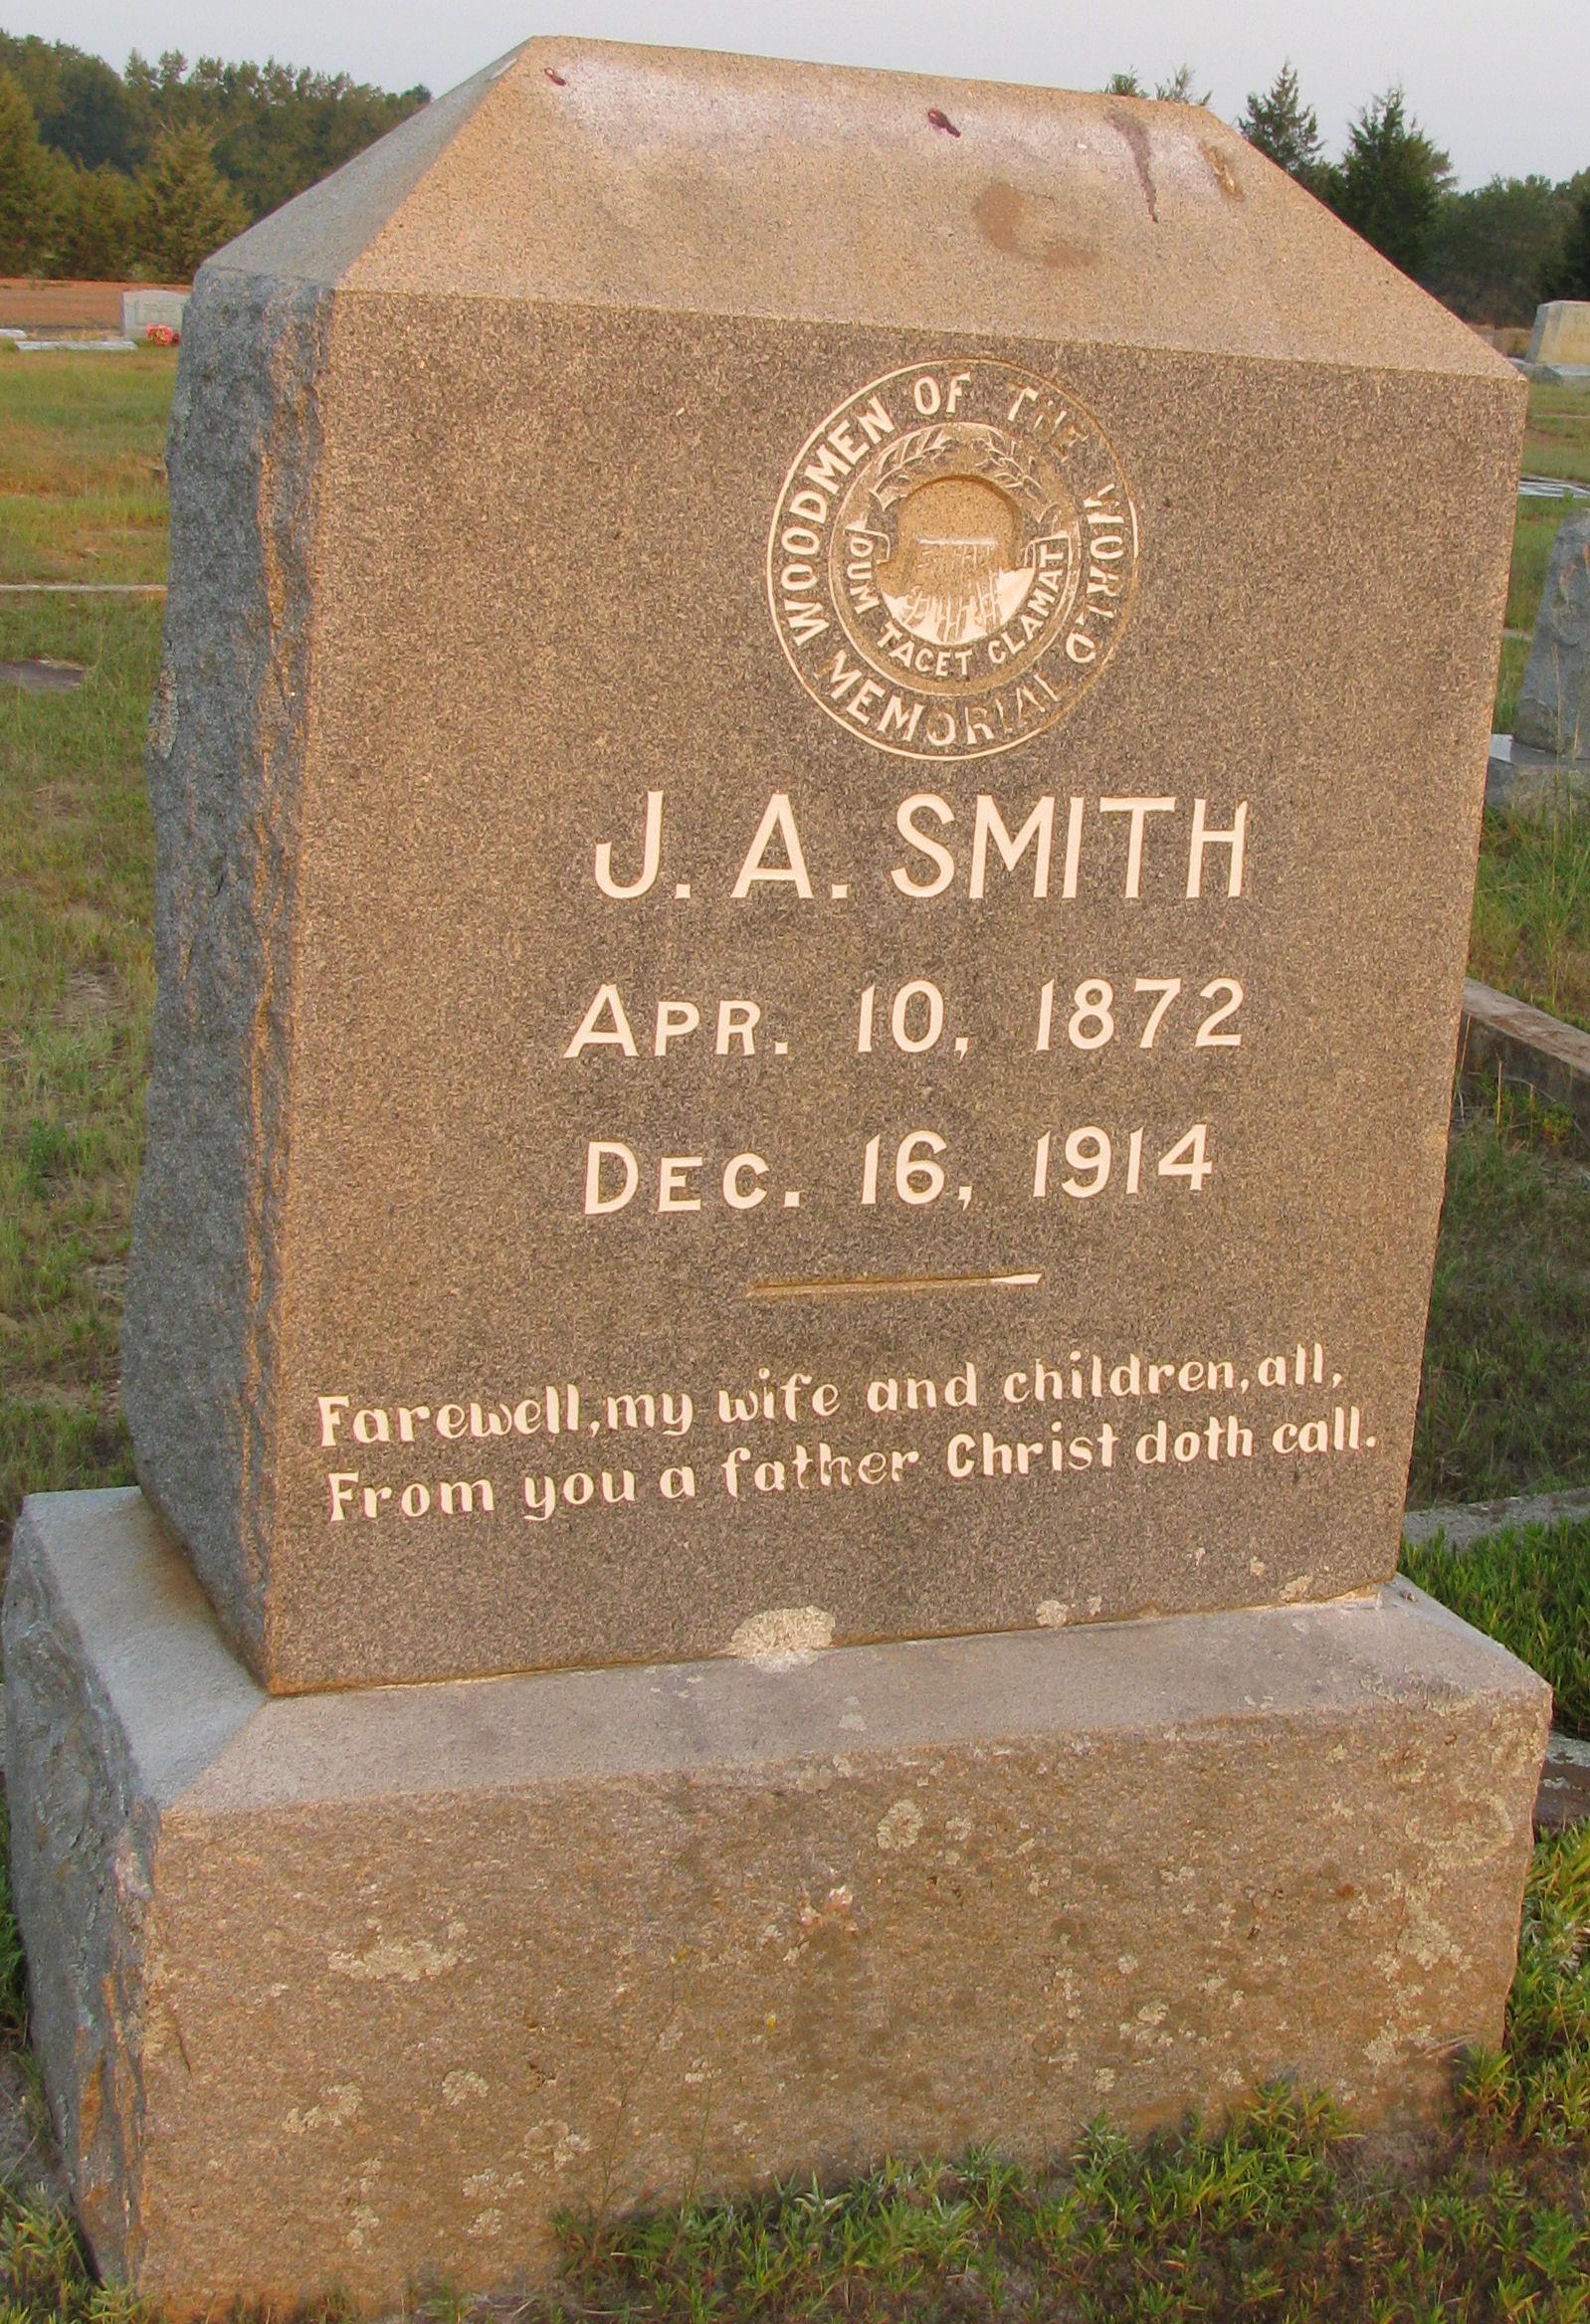 James A Smith